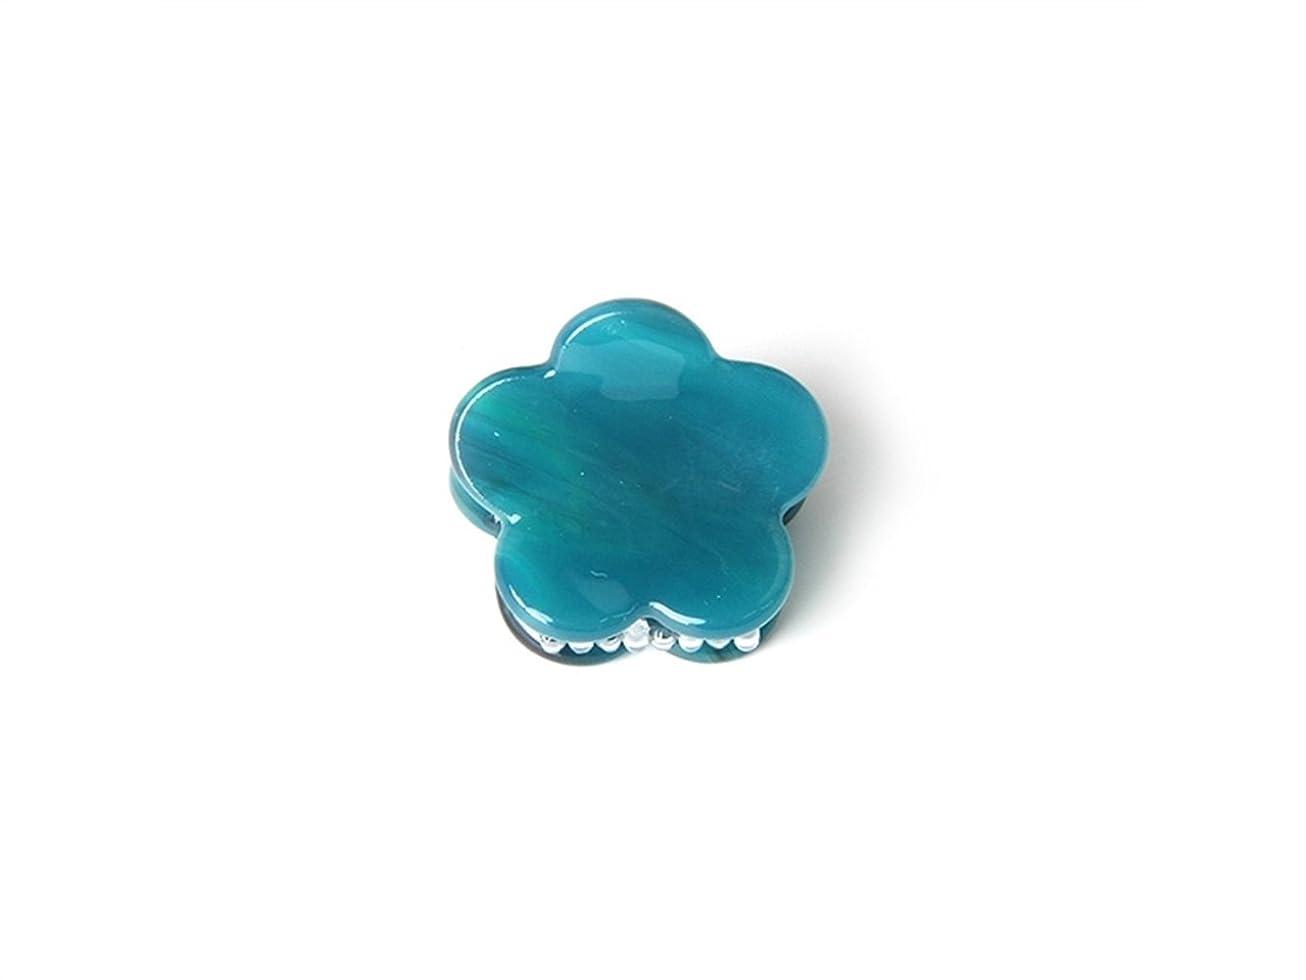 しなければならないイタリックストレージOsize 美しいスタイル シンプルなフラワースクエアラウンド型の爪クリップミニジョークリップ(緑の花の形)